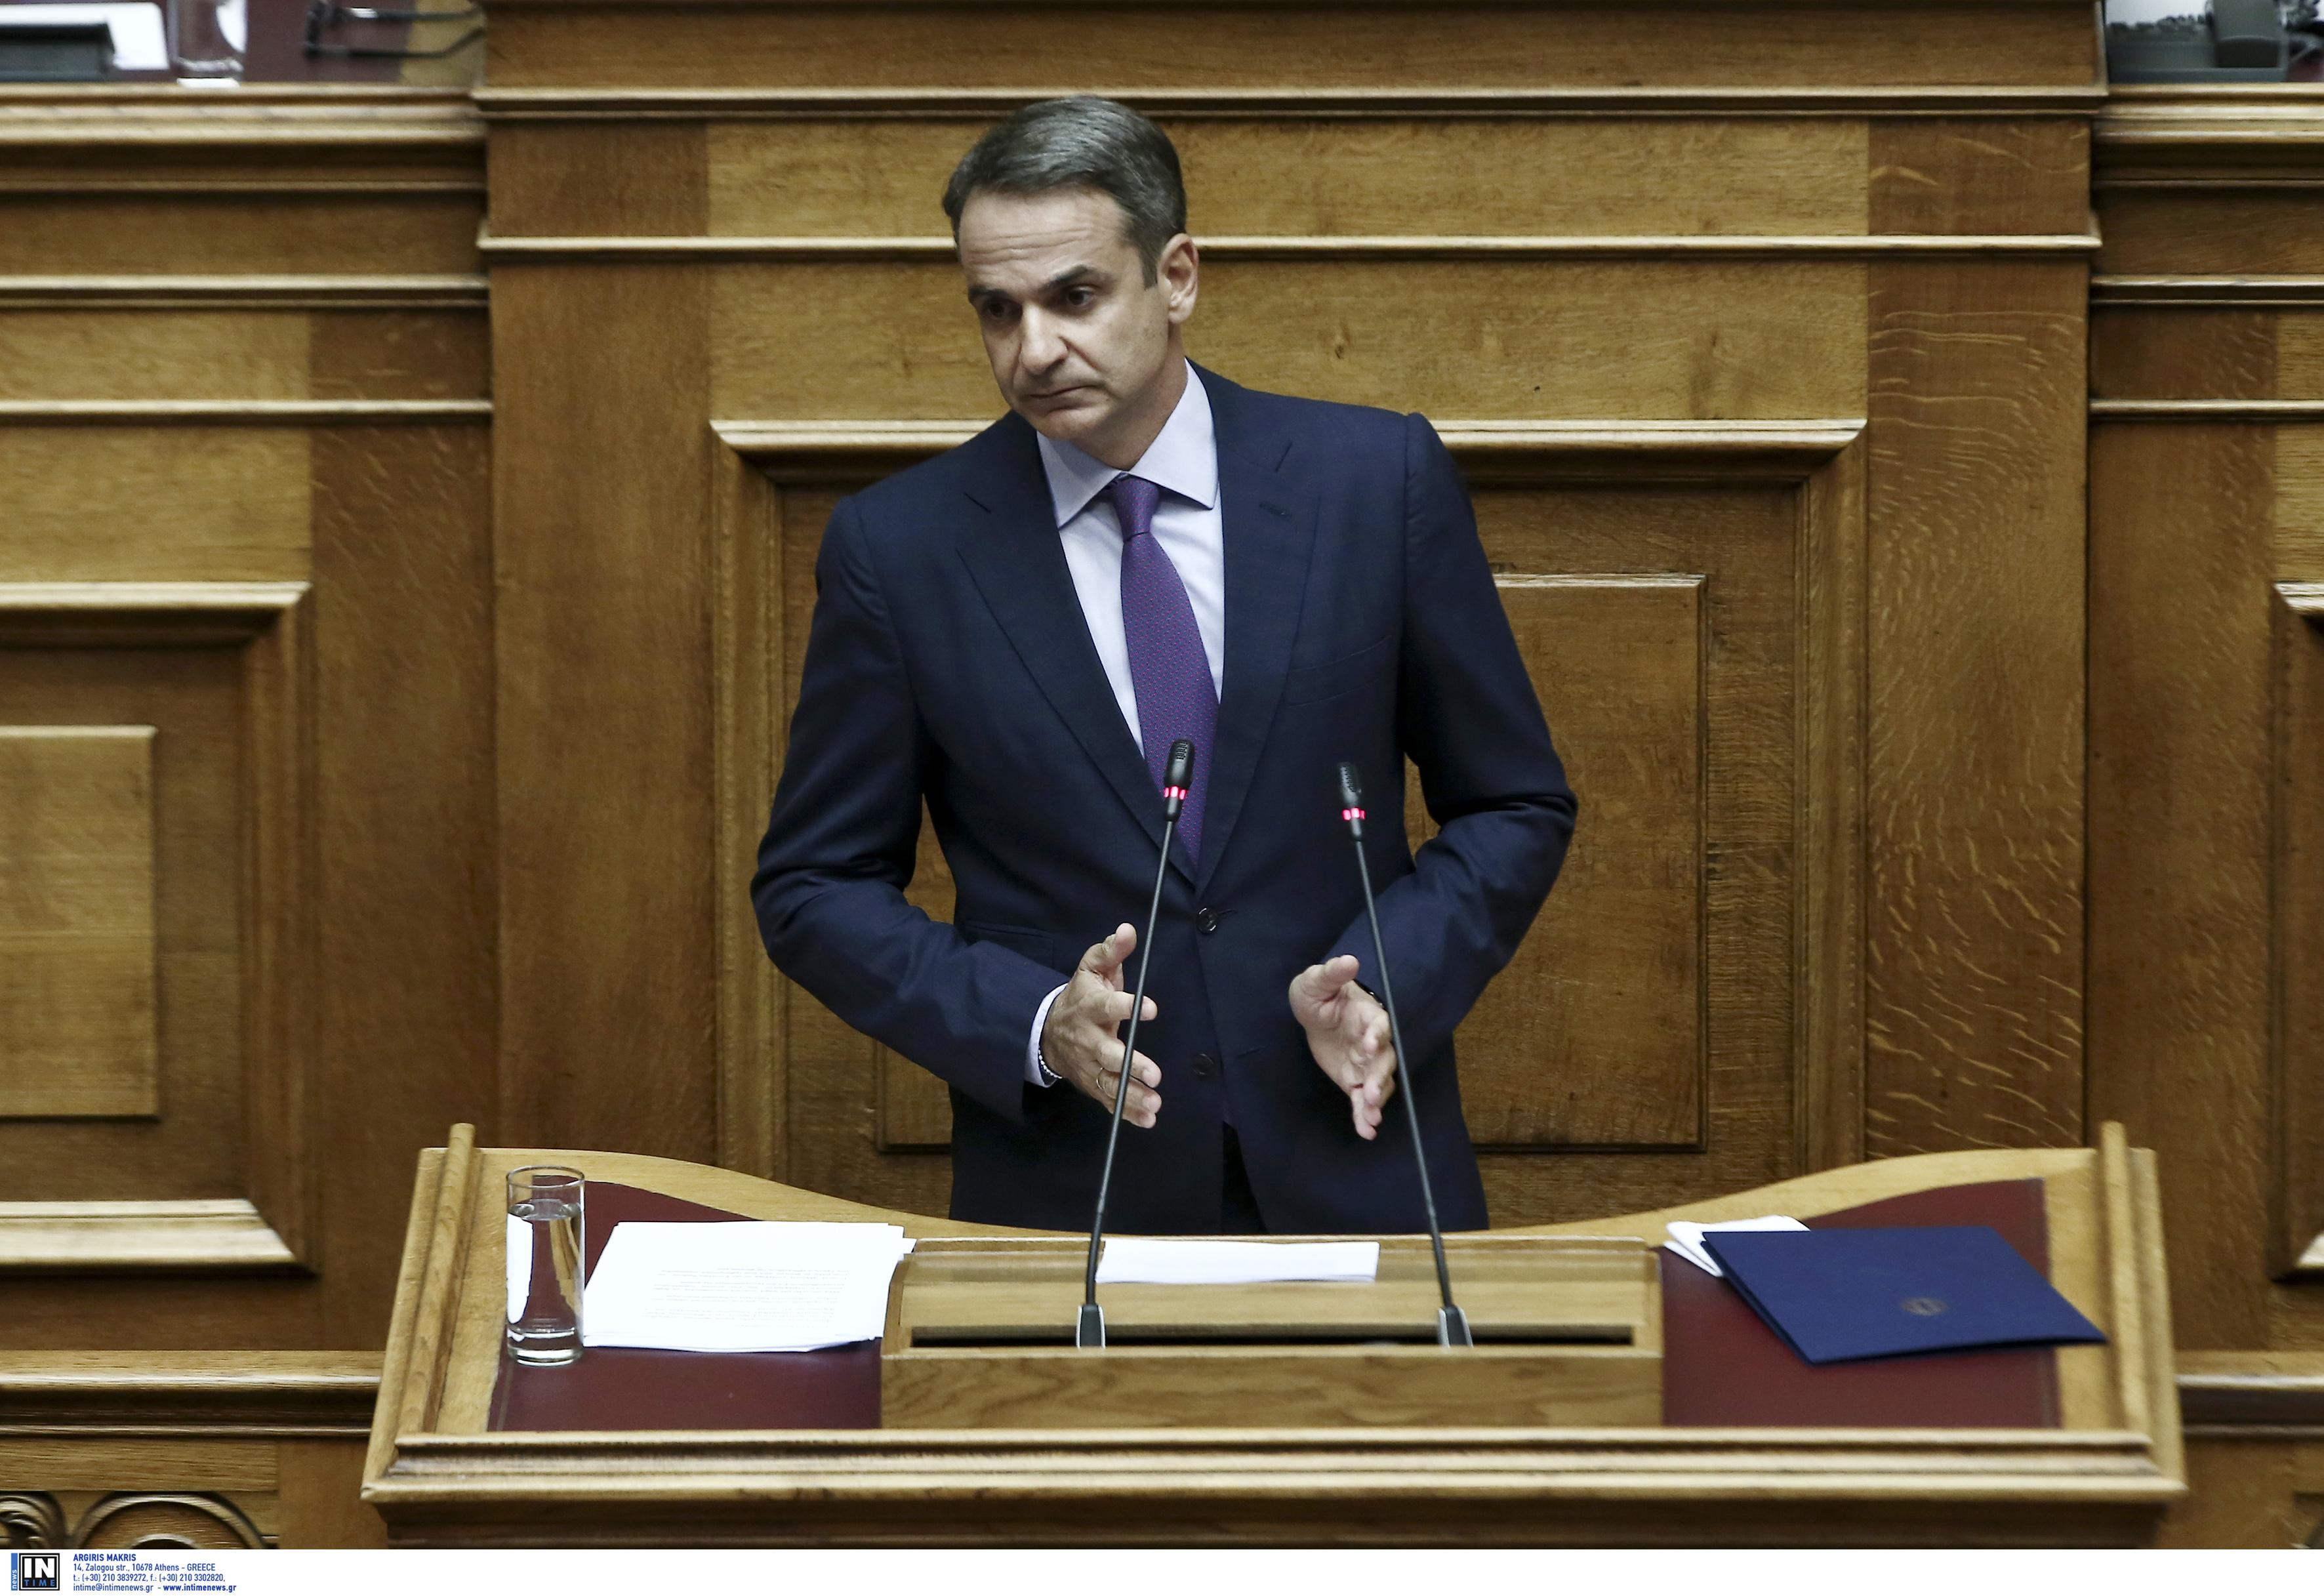 Ο Κυριάκος Μητσοτάκης ανακοίνωσε την κατάργηση των capital controls